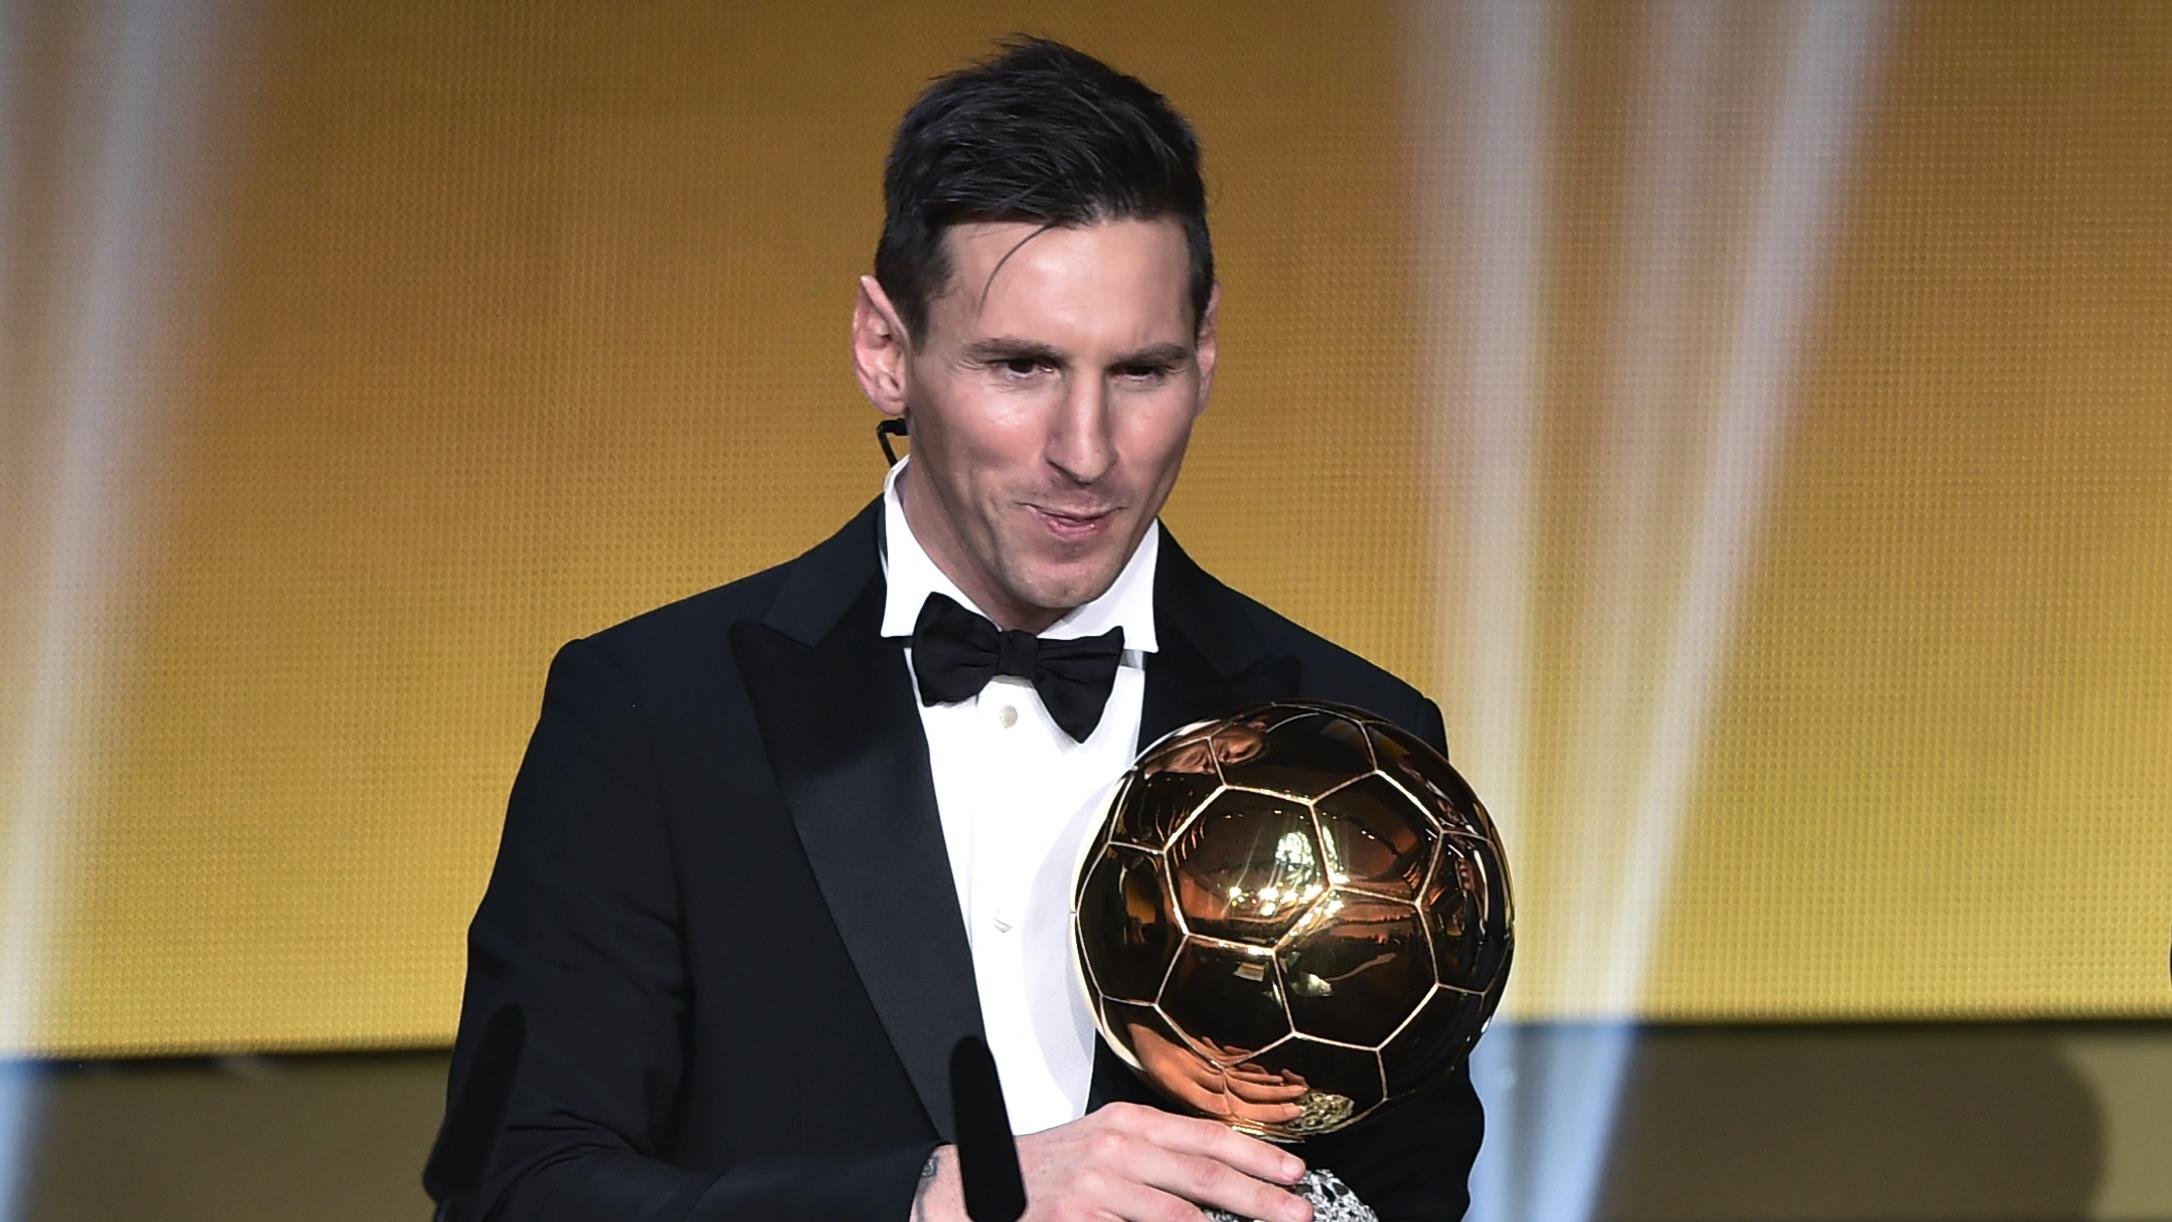 Messi already deserves the next Ballon d'Or – Rivaldo